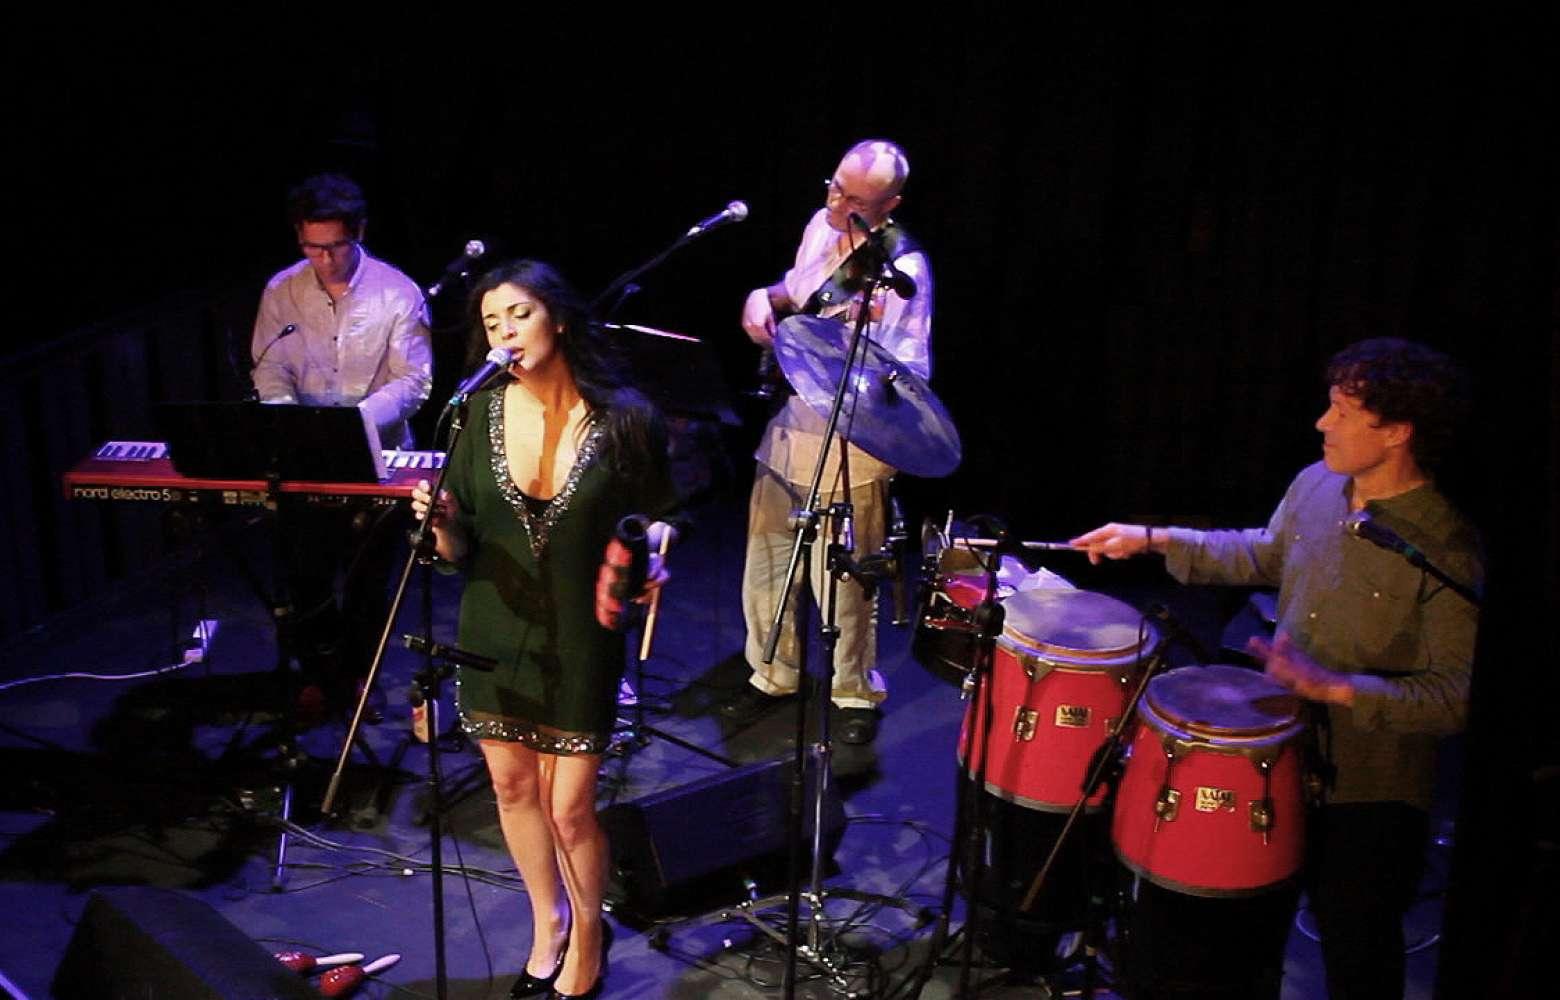 Sonido Latino quartet